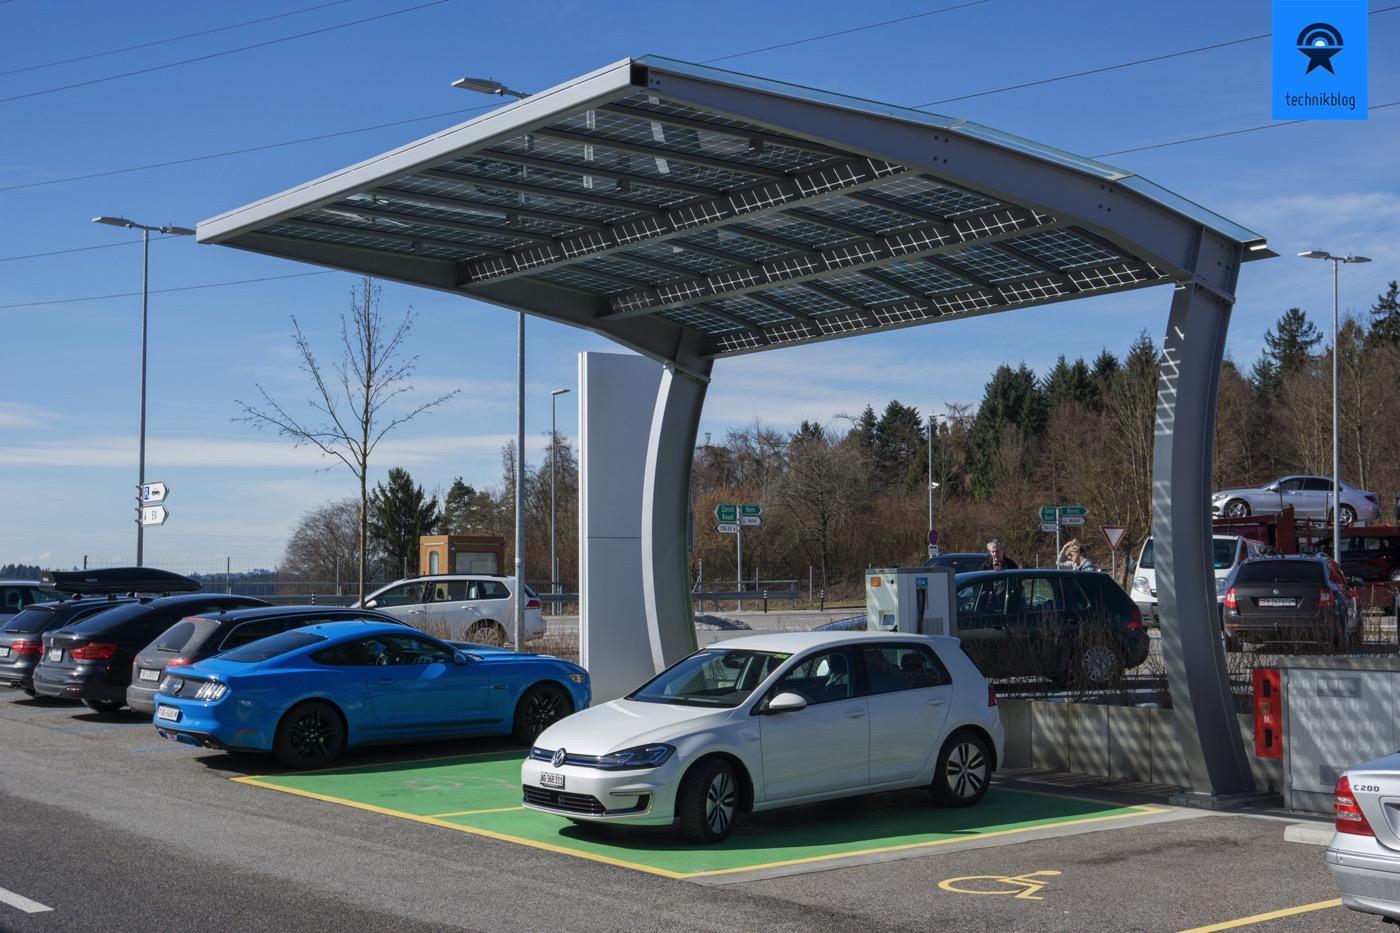 Ladestation Raststätte Grauholz vor Bern: e-Golf mit 50kW aufgeladen